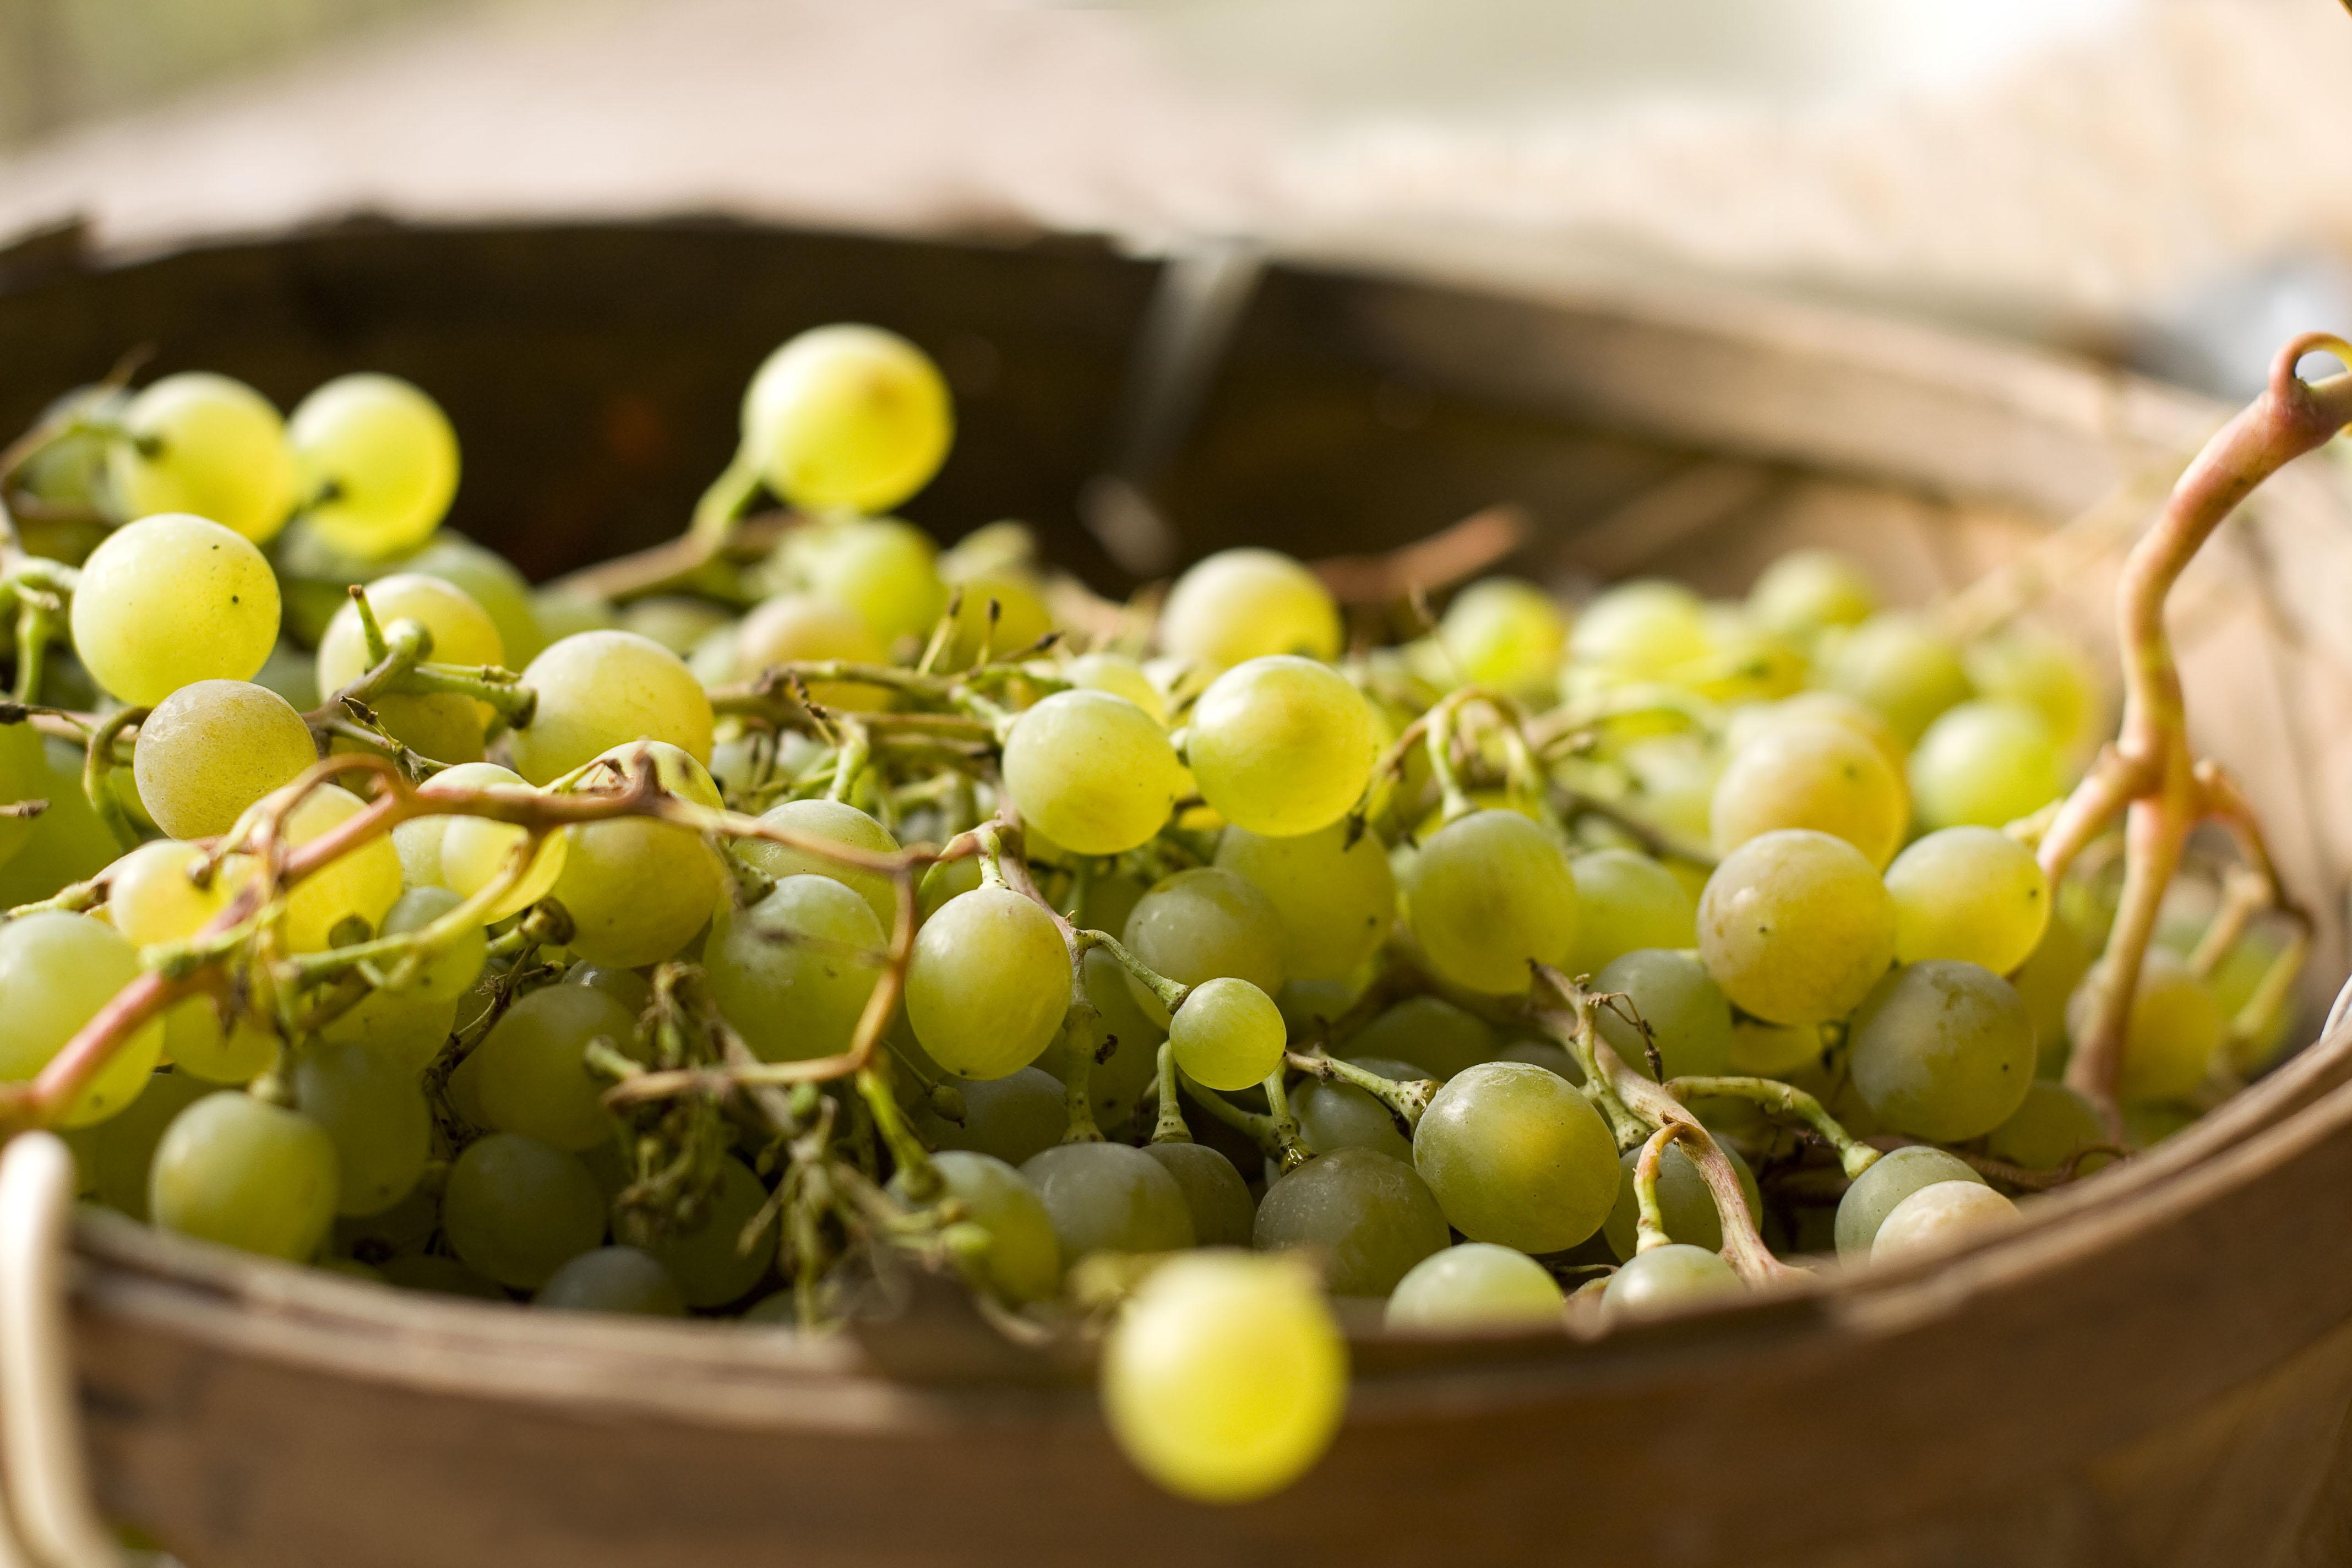 Un grappolo d'uva bianca